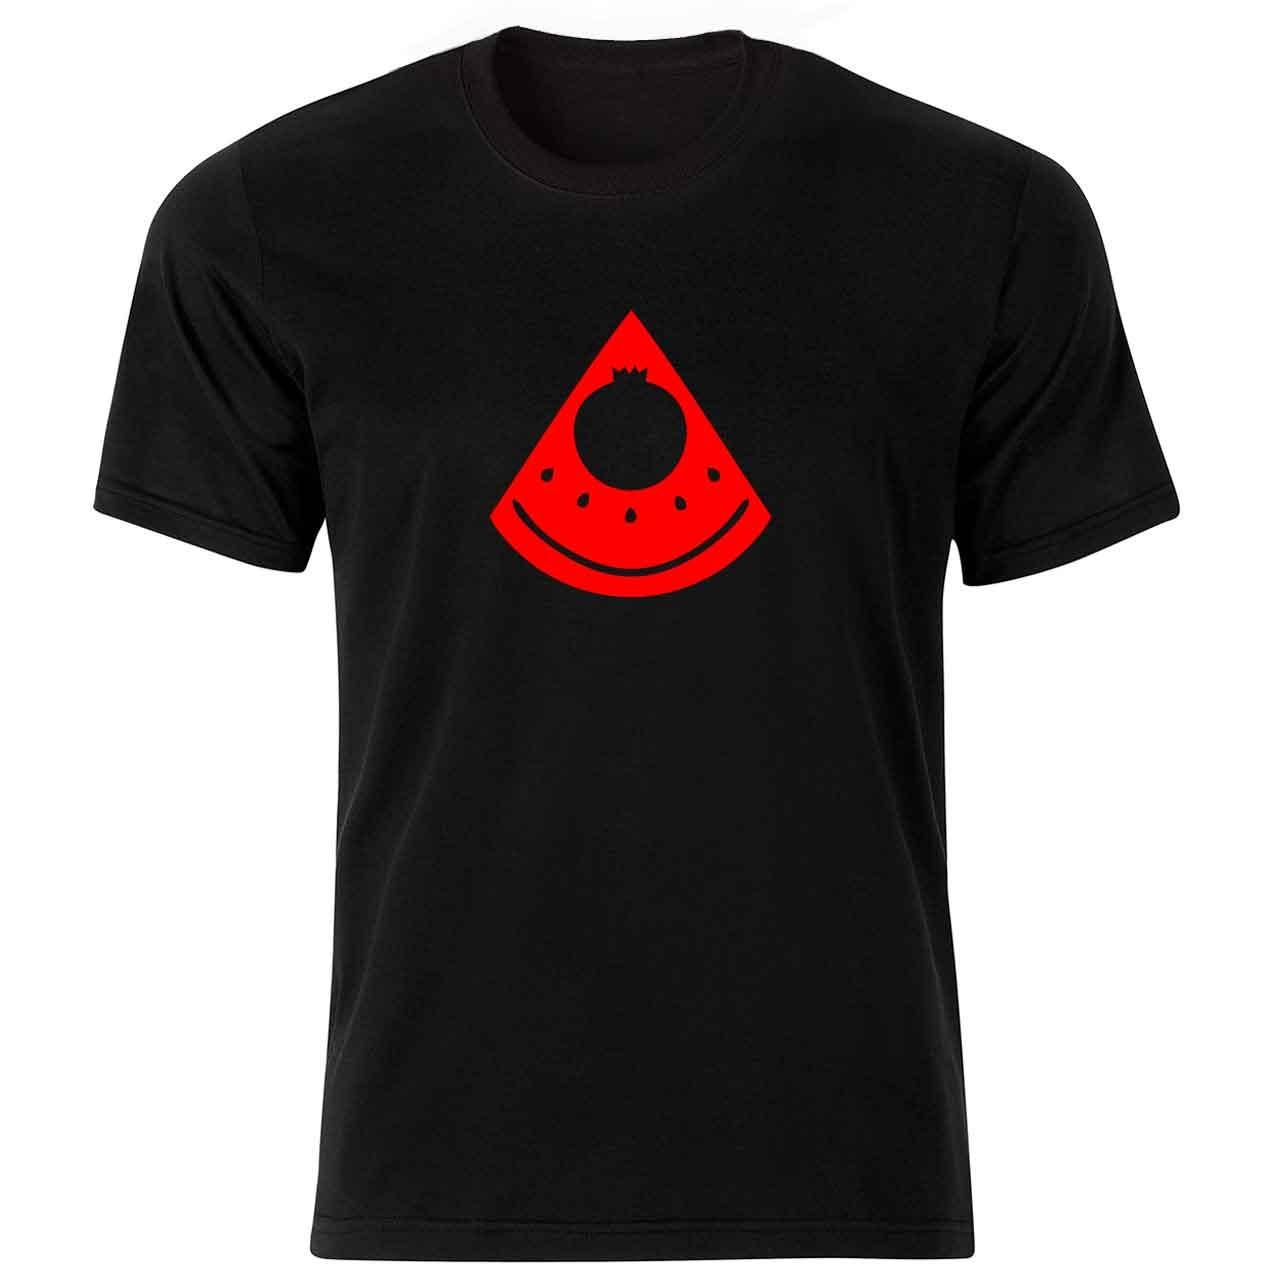 تصویر تی شرت زنانه طرح انار یلدا کد 36032